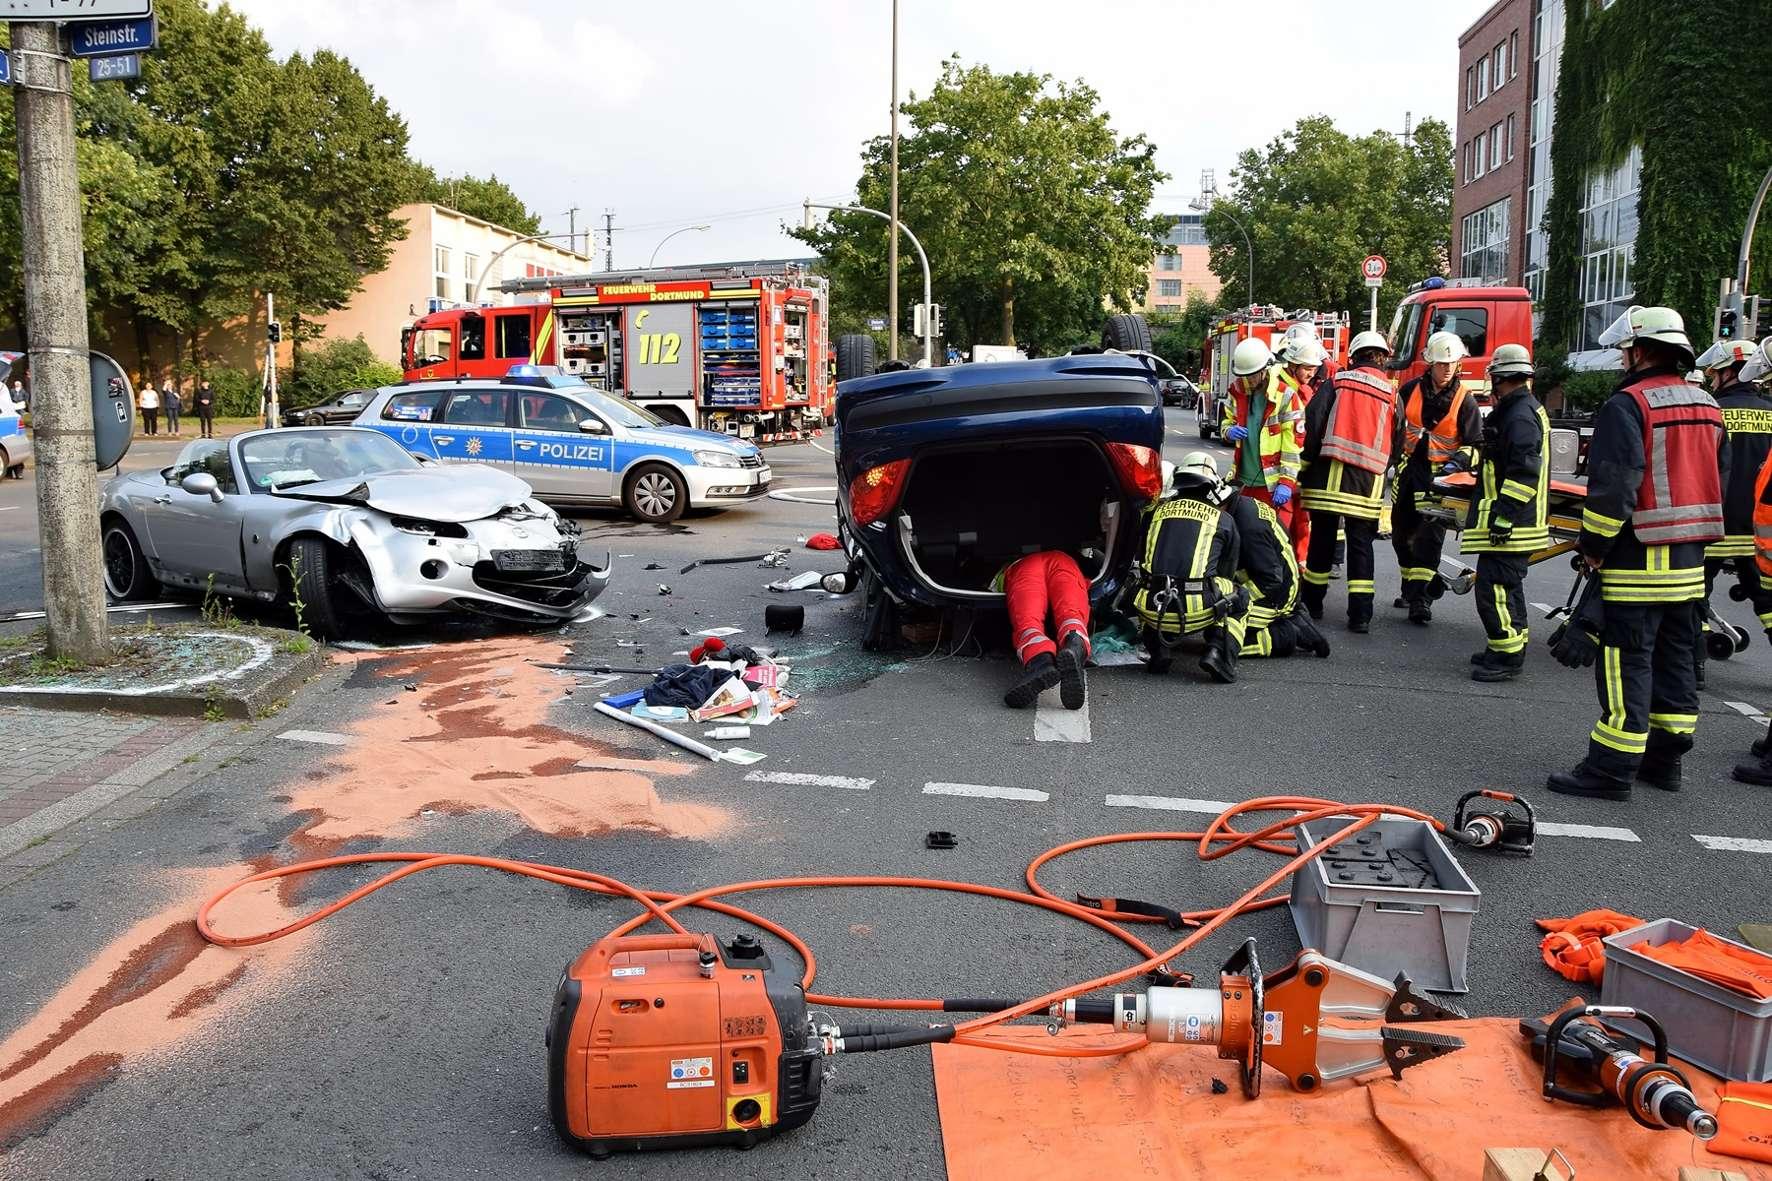 Zahl der Verkehrstoten auf Rekord-Tief